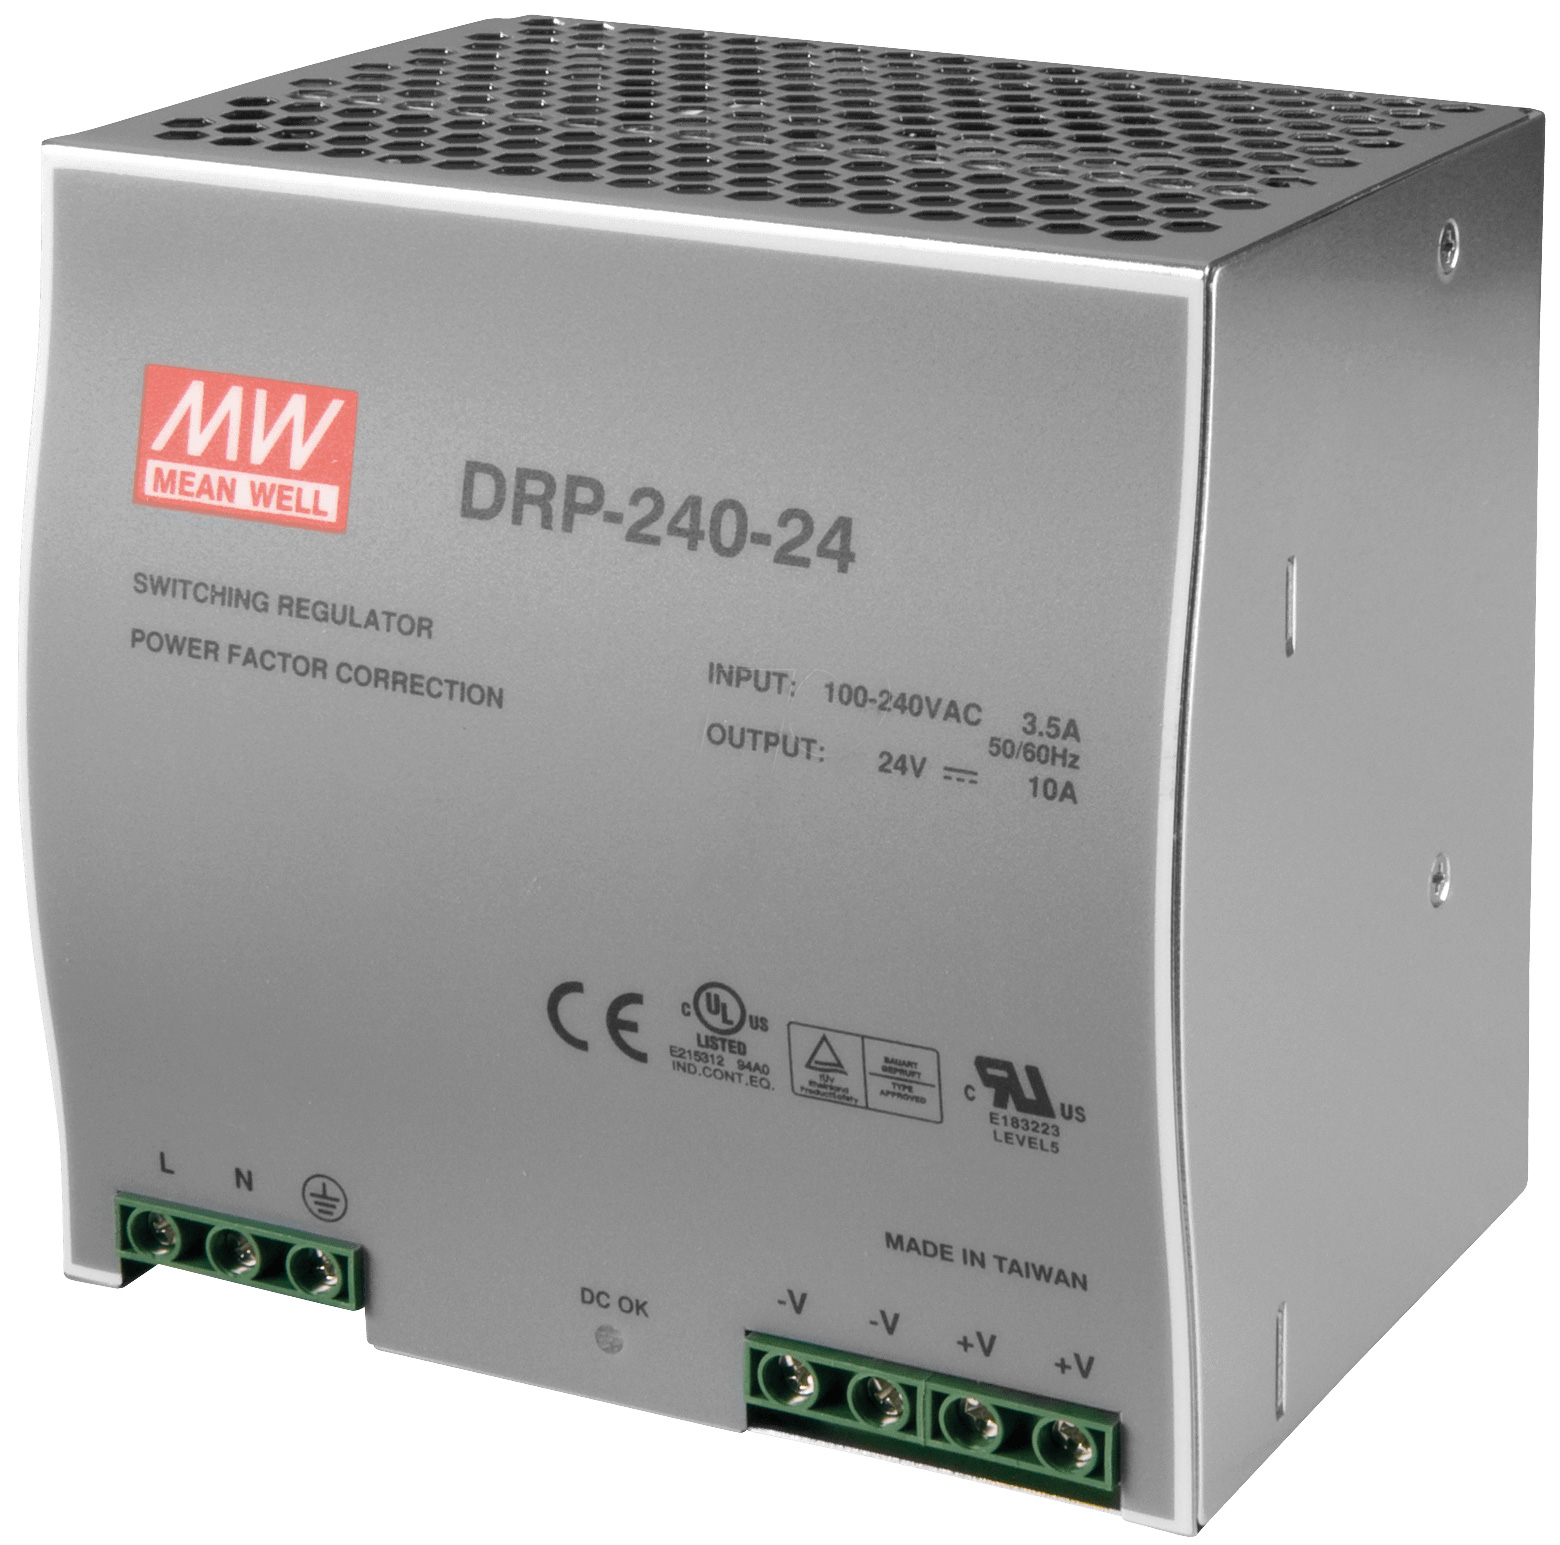 DIN rail power supply 240V ac - 24V dc 240 W